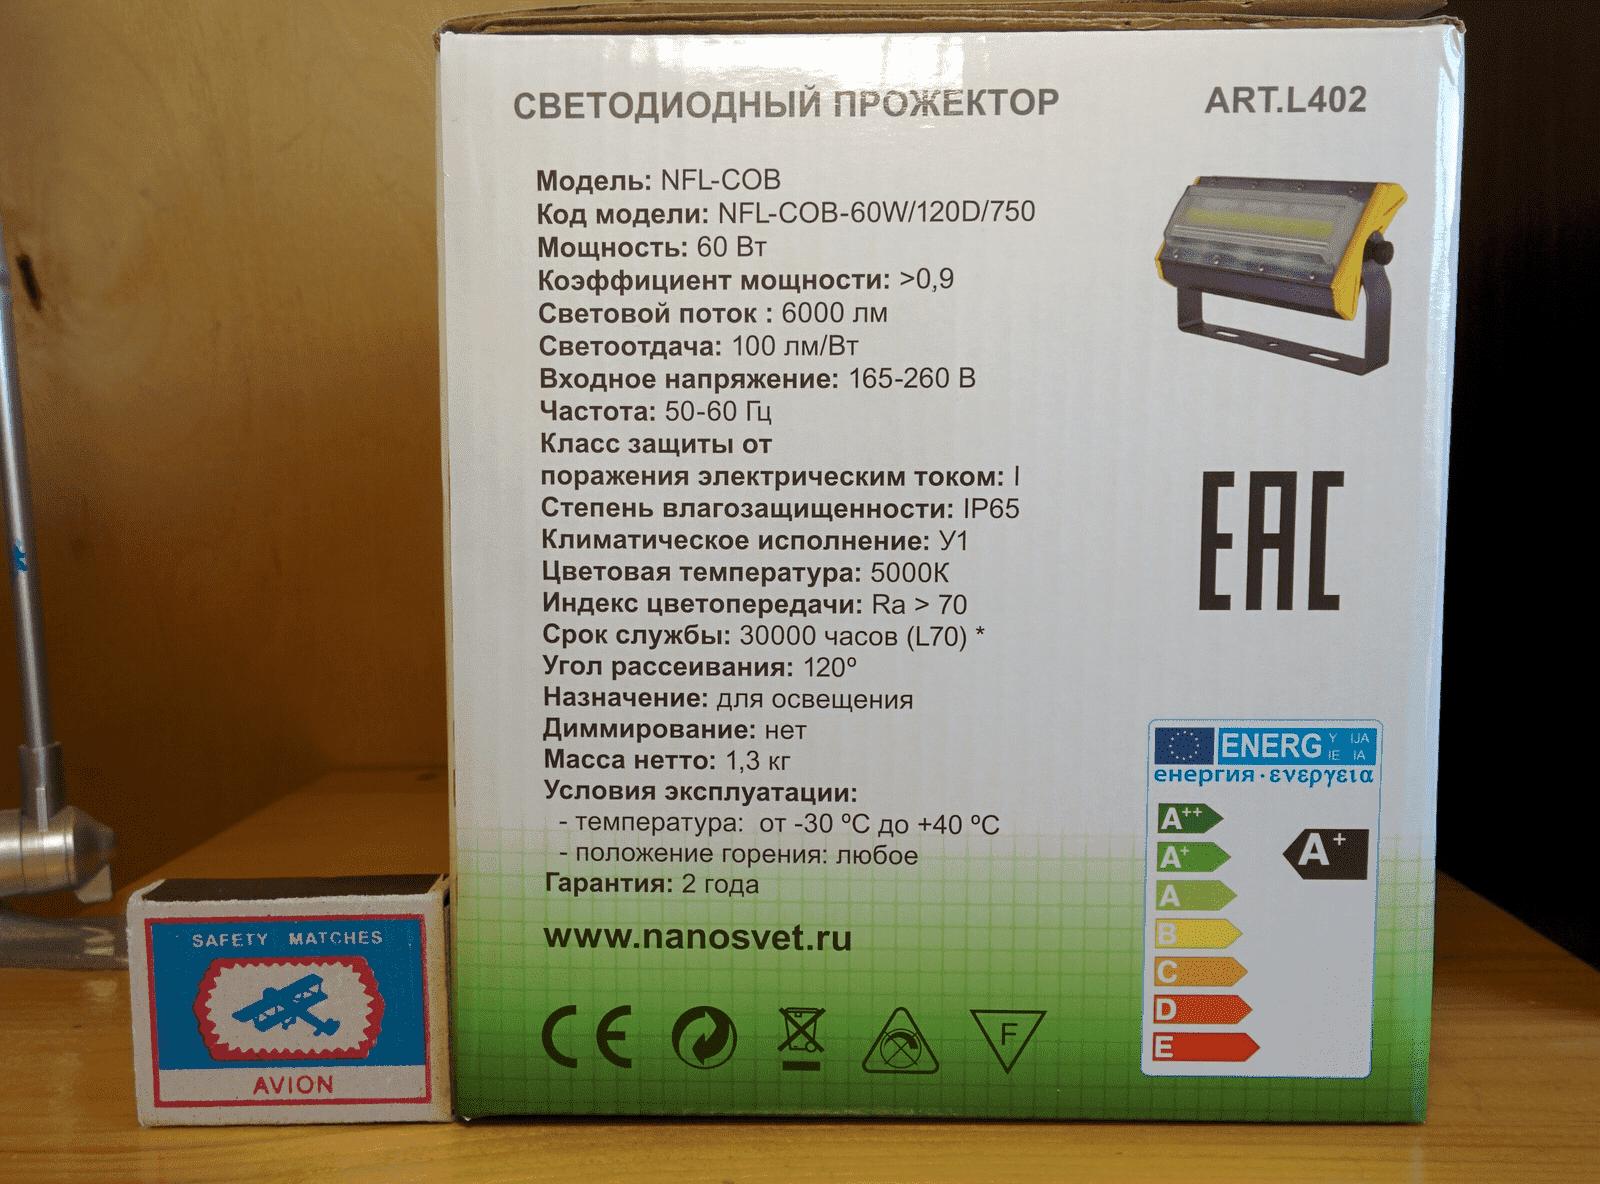 Прожектор светодиодный НАНОСВЕТ L402 NFL-COB-60W/120D/750 арт. L402 Характеристики